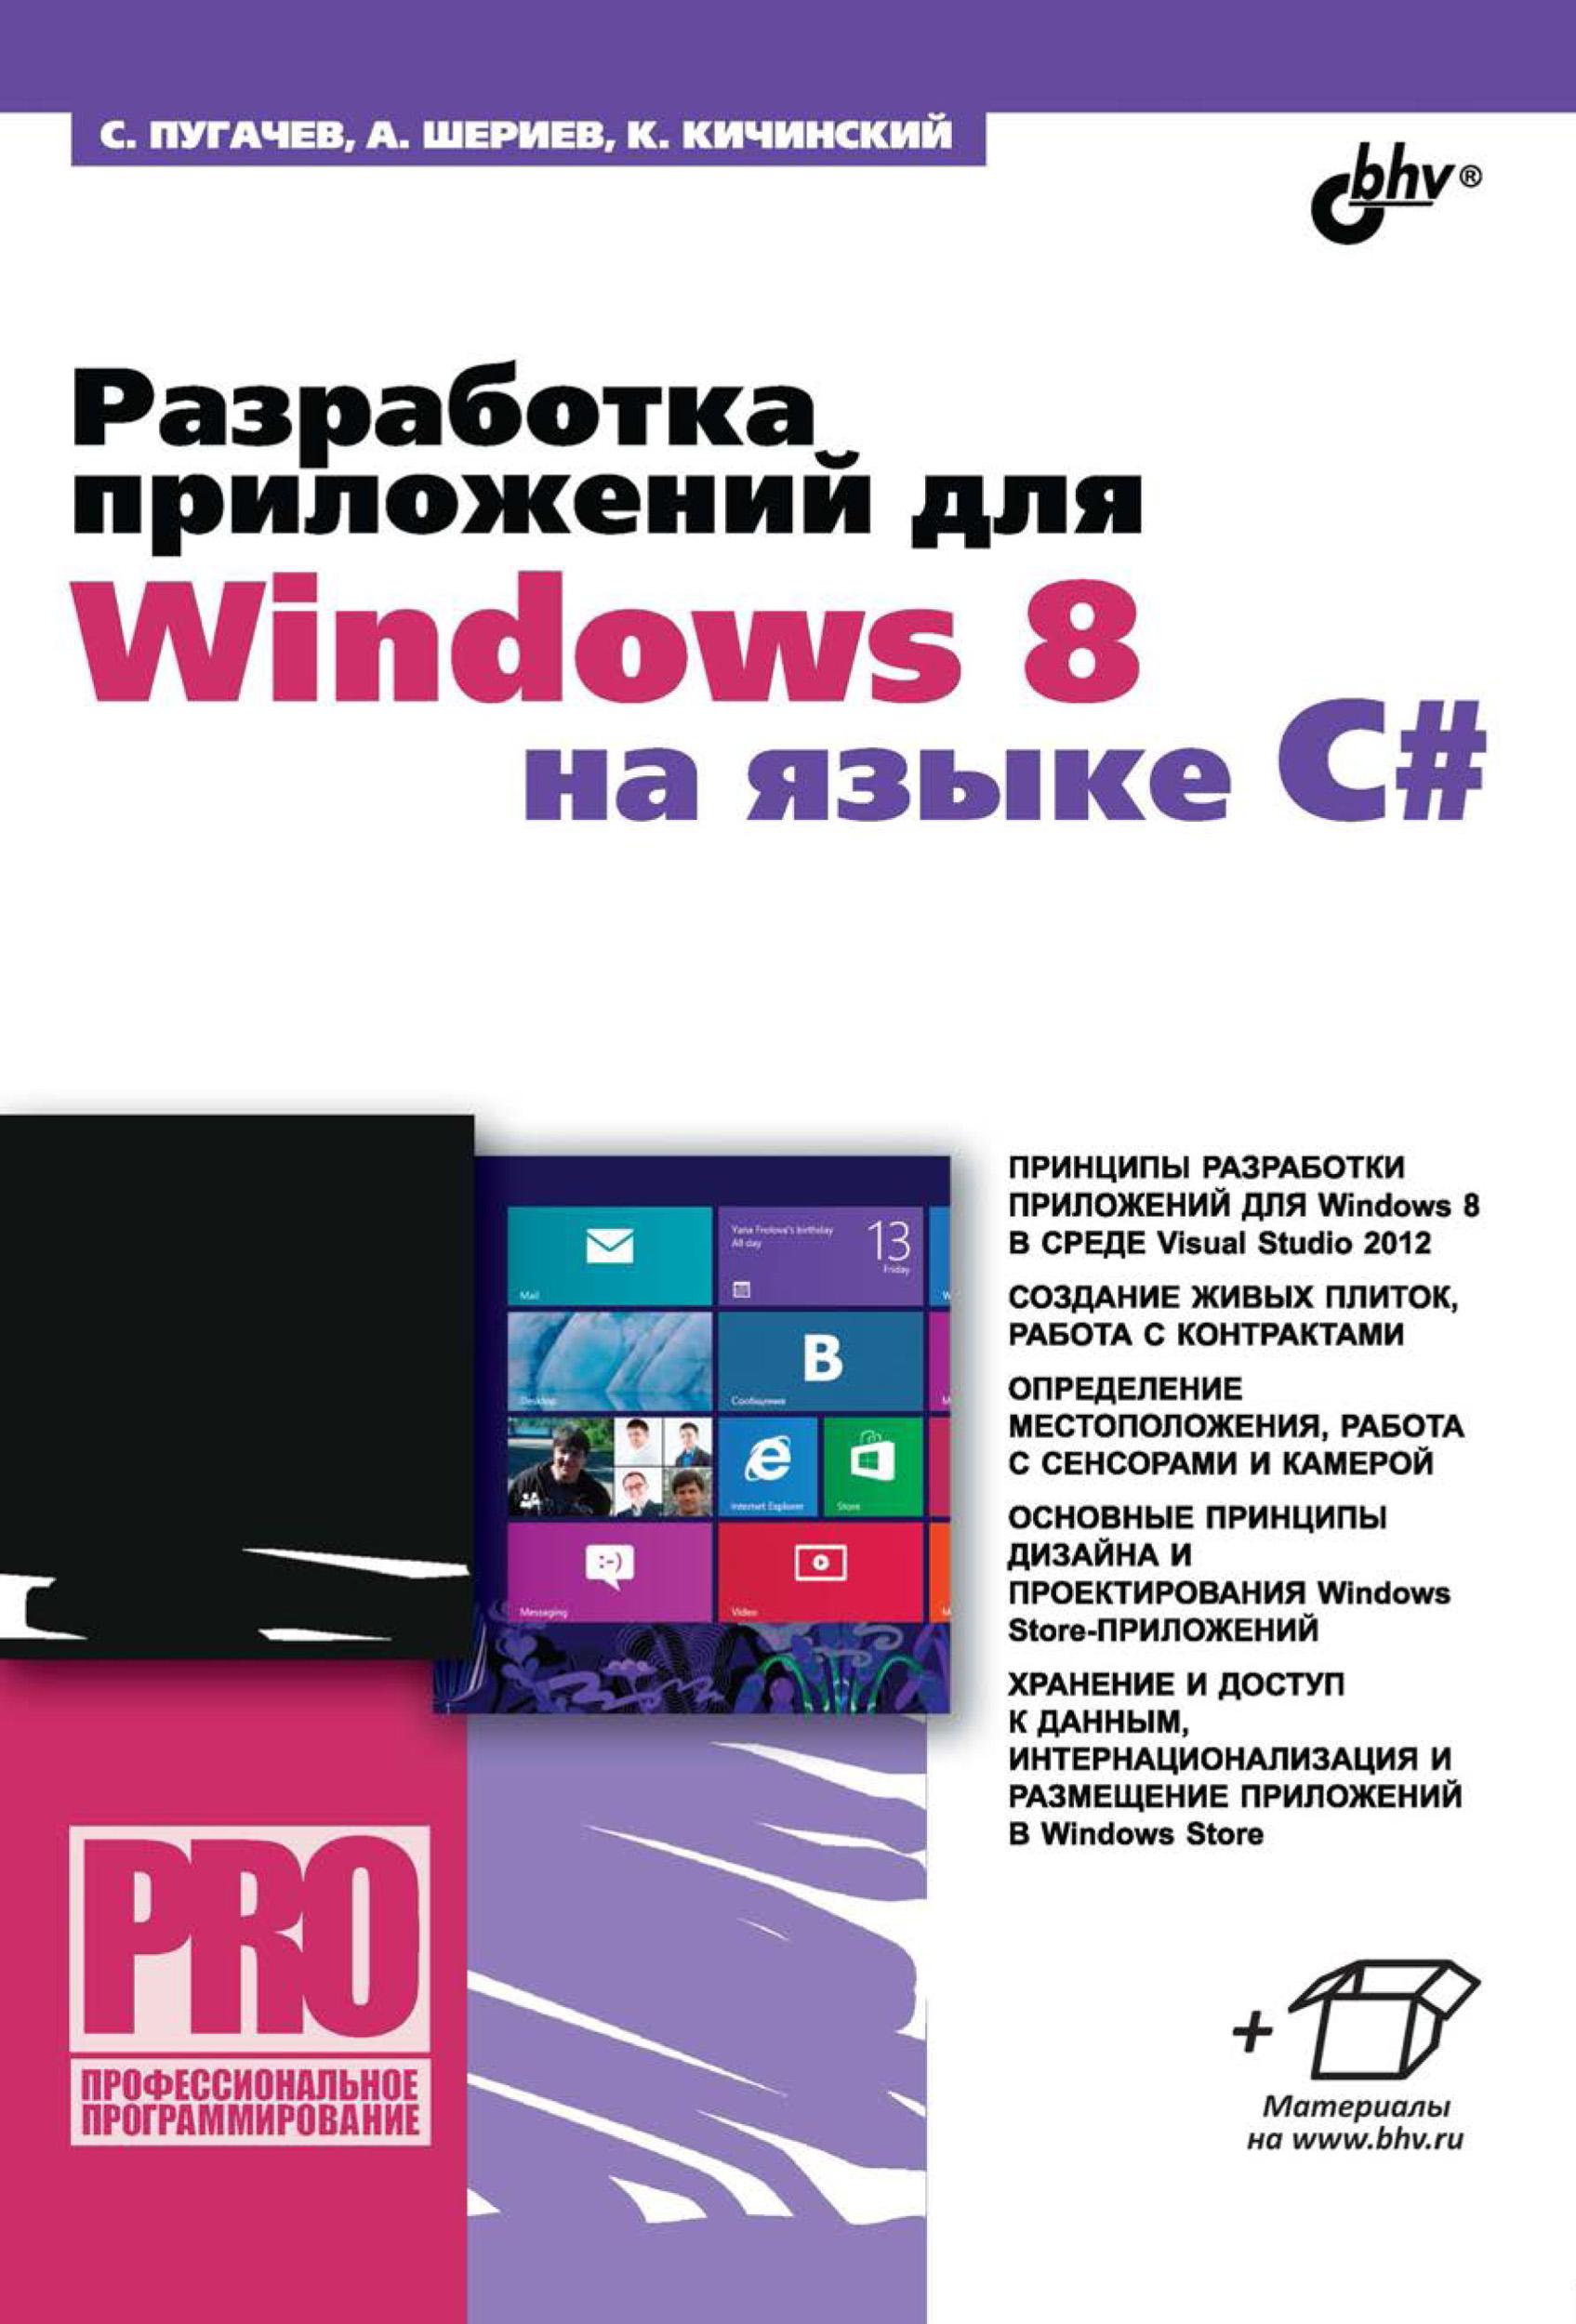 Сергей Пугачев Разработка приложений для Windows 8 на языке C# андрей боровский c и pascal в kylix 3 разработка интернет приложений и субд